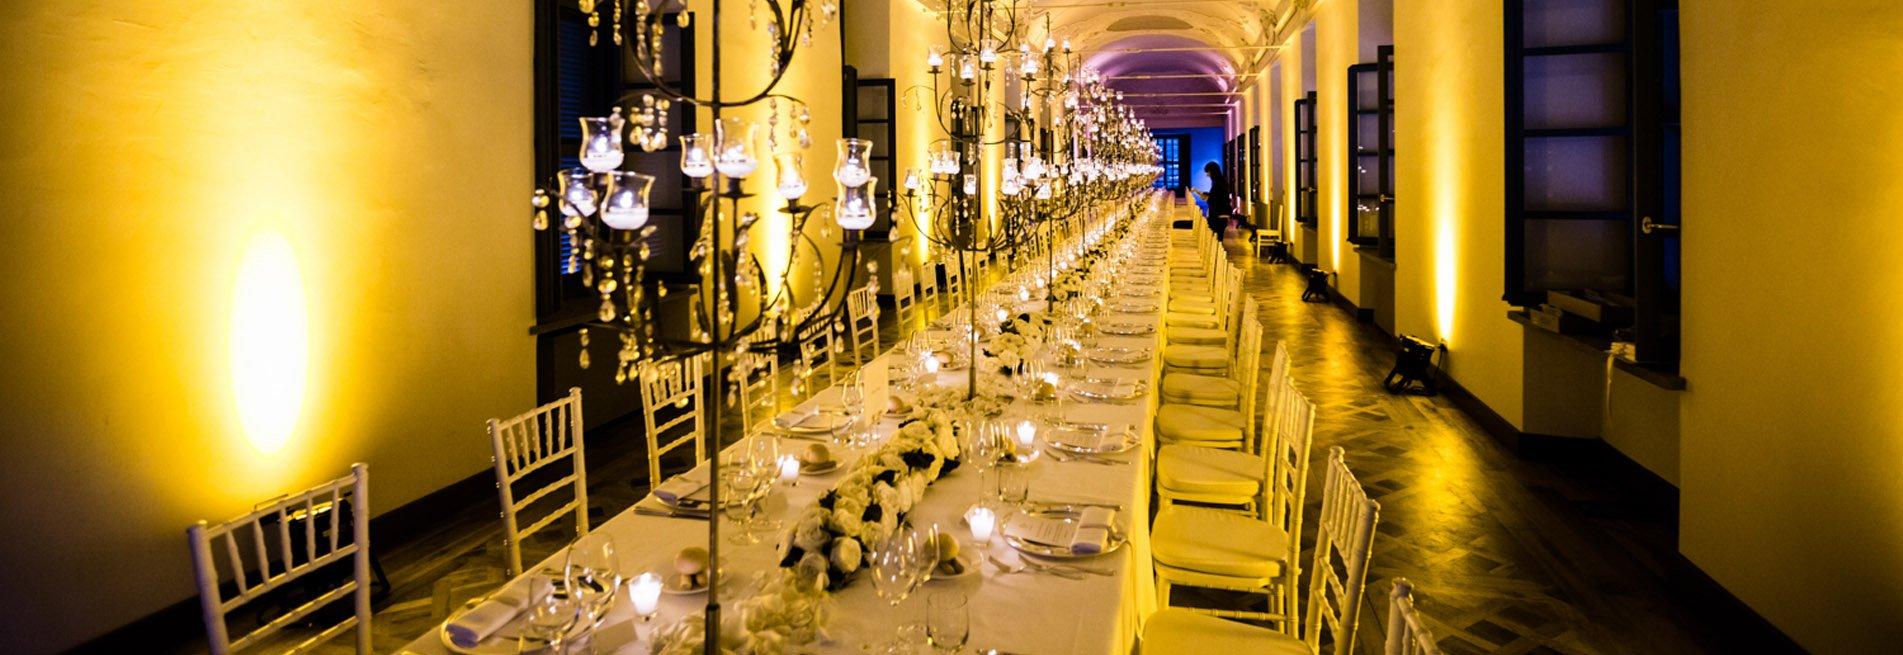 Catering e banqueting per matrimoni, cerimonie, eventi aziendali. Wedding catering. Allestimento eventi. Location per matrimoni ed eventi.